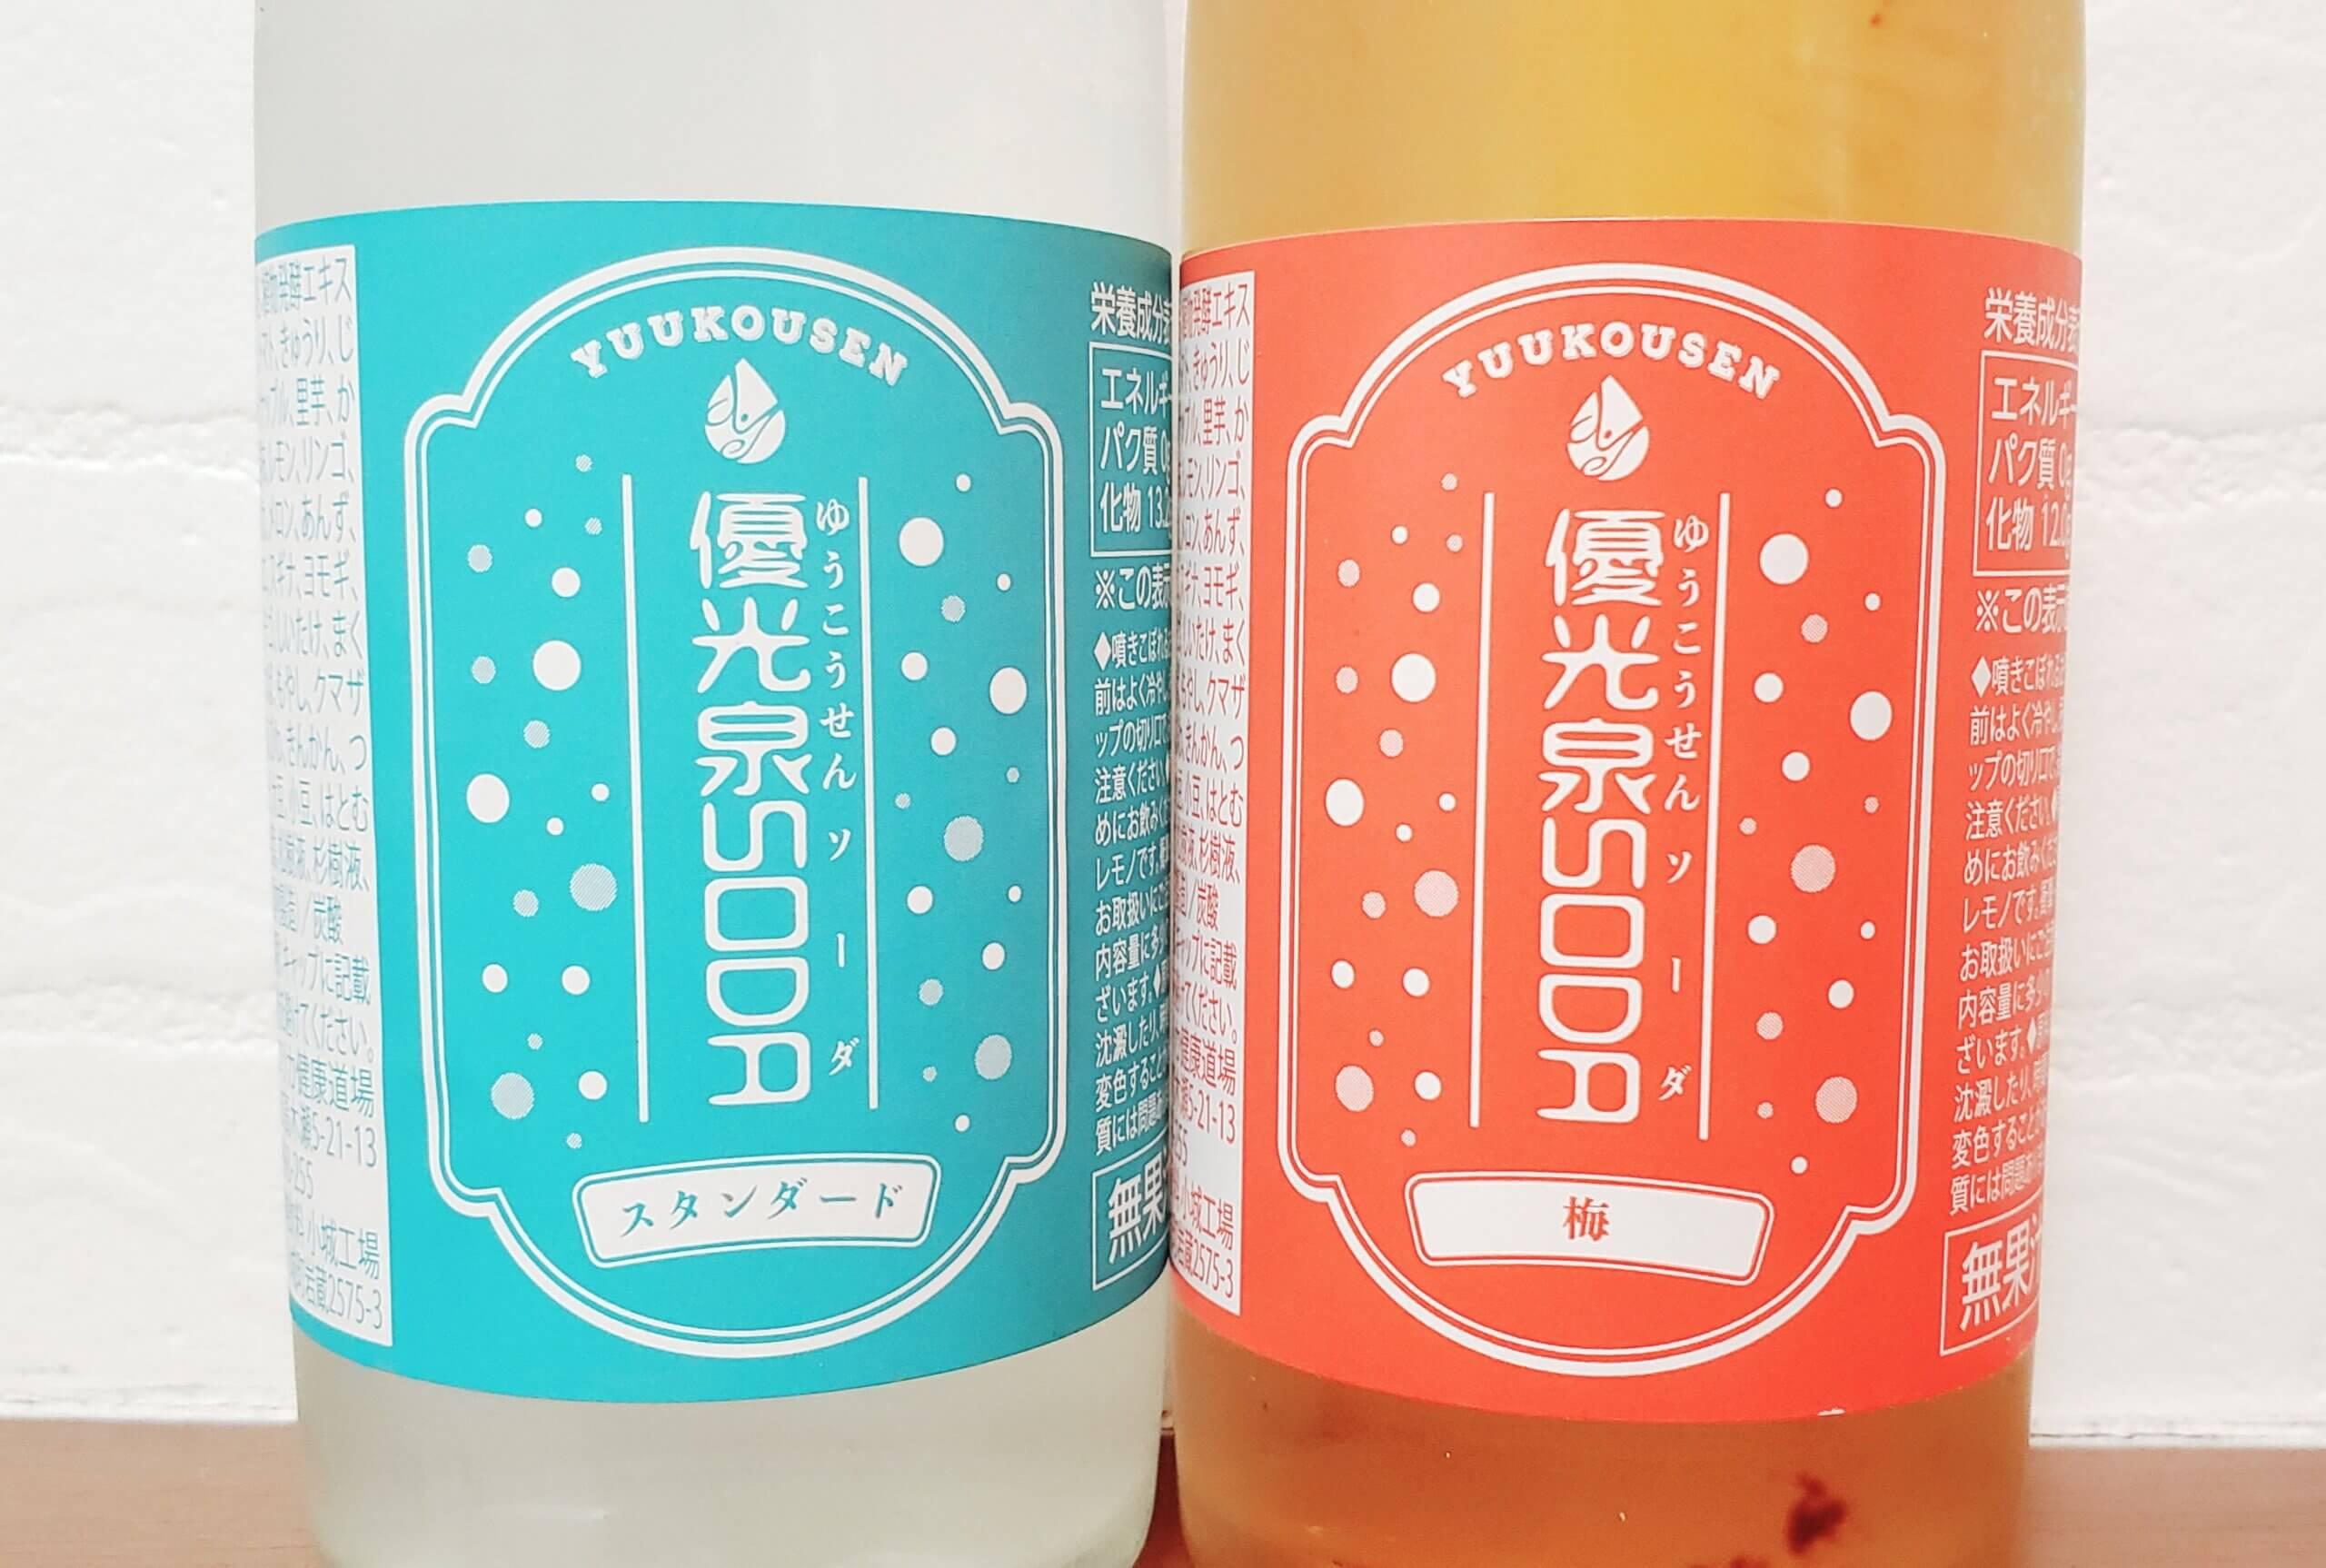 優光泉ソーダ500円モニターセット 味の感想